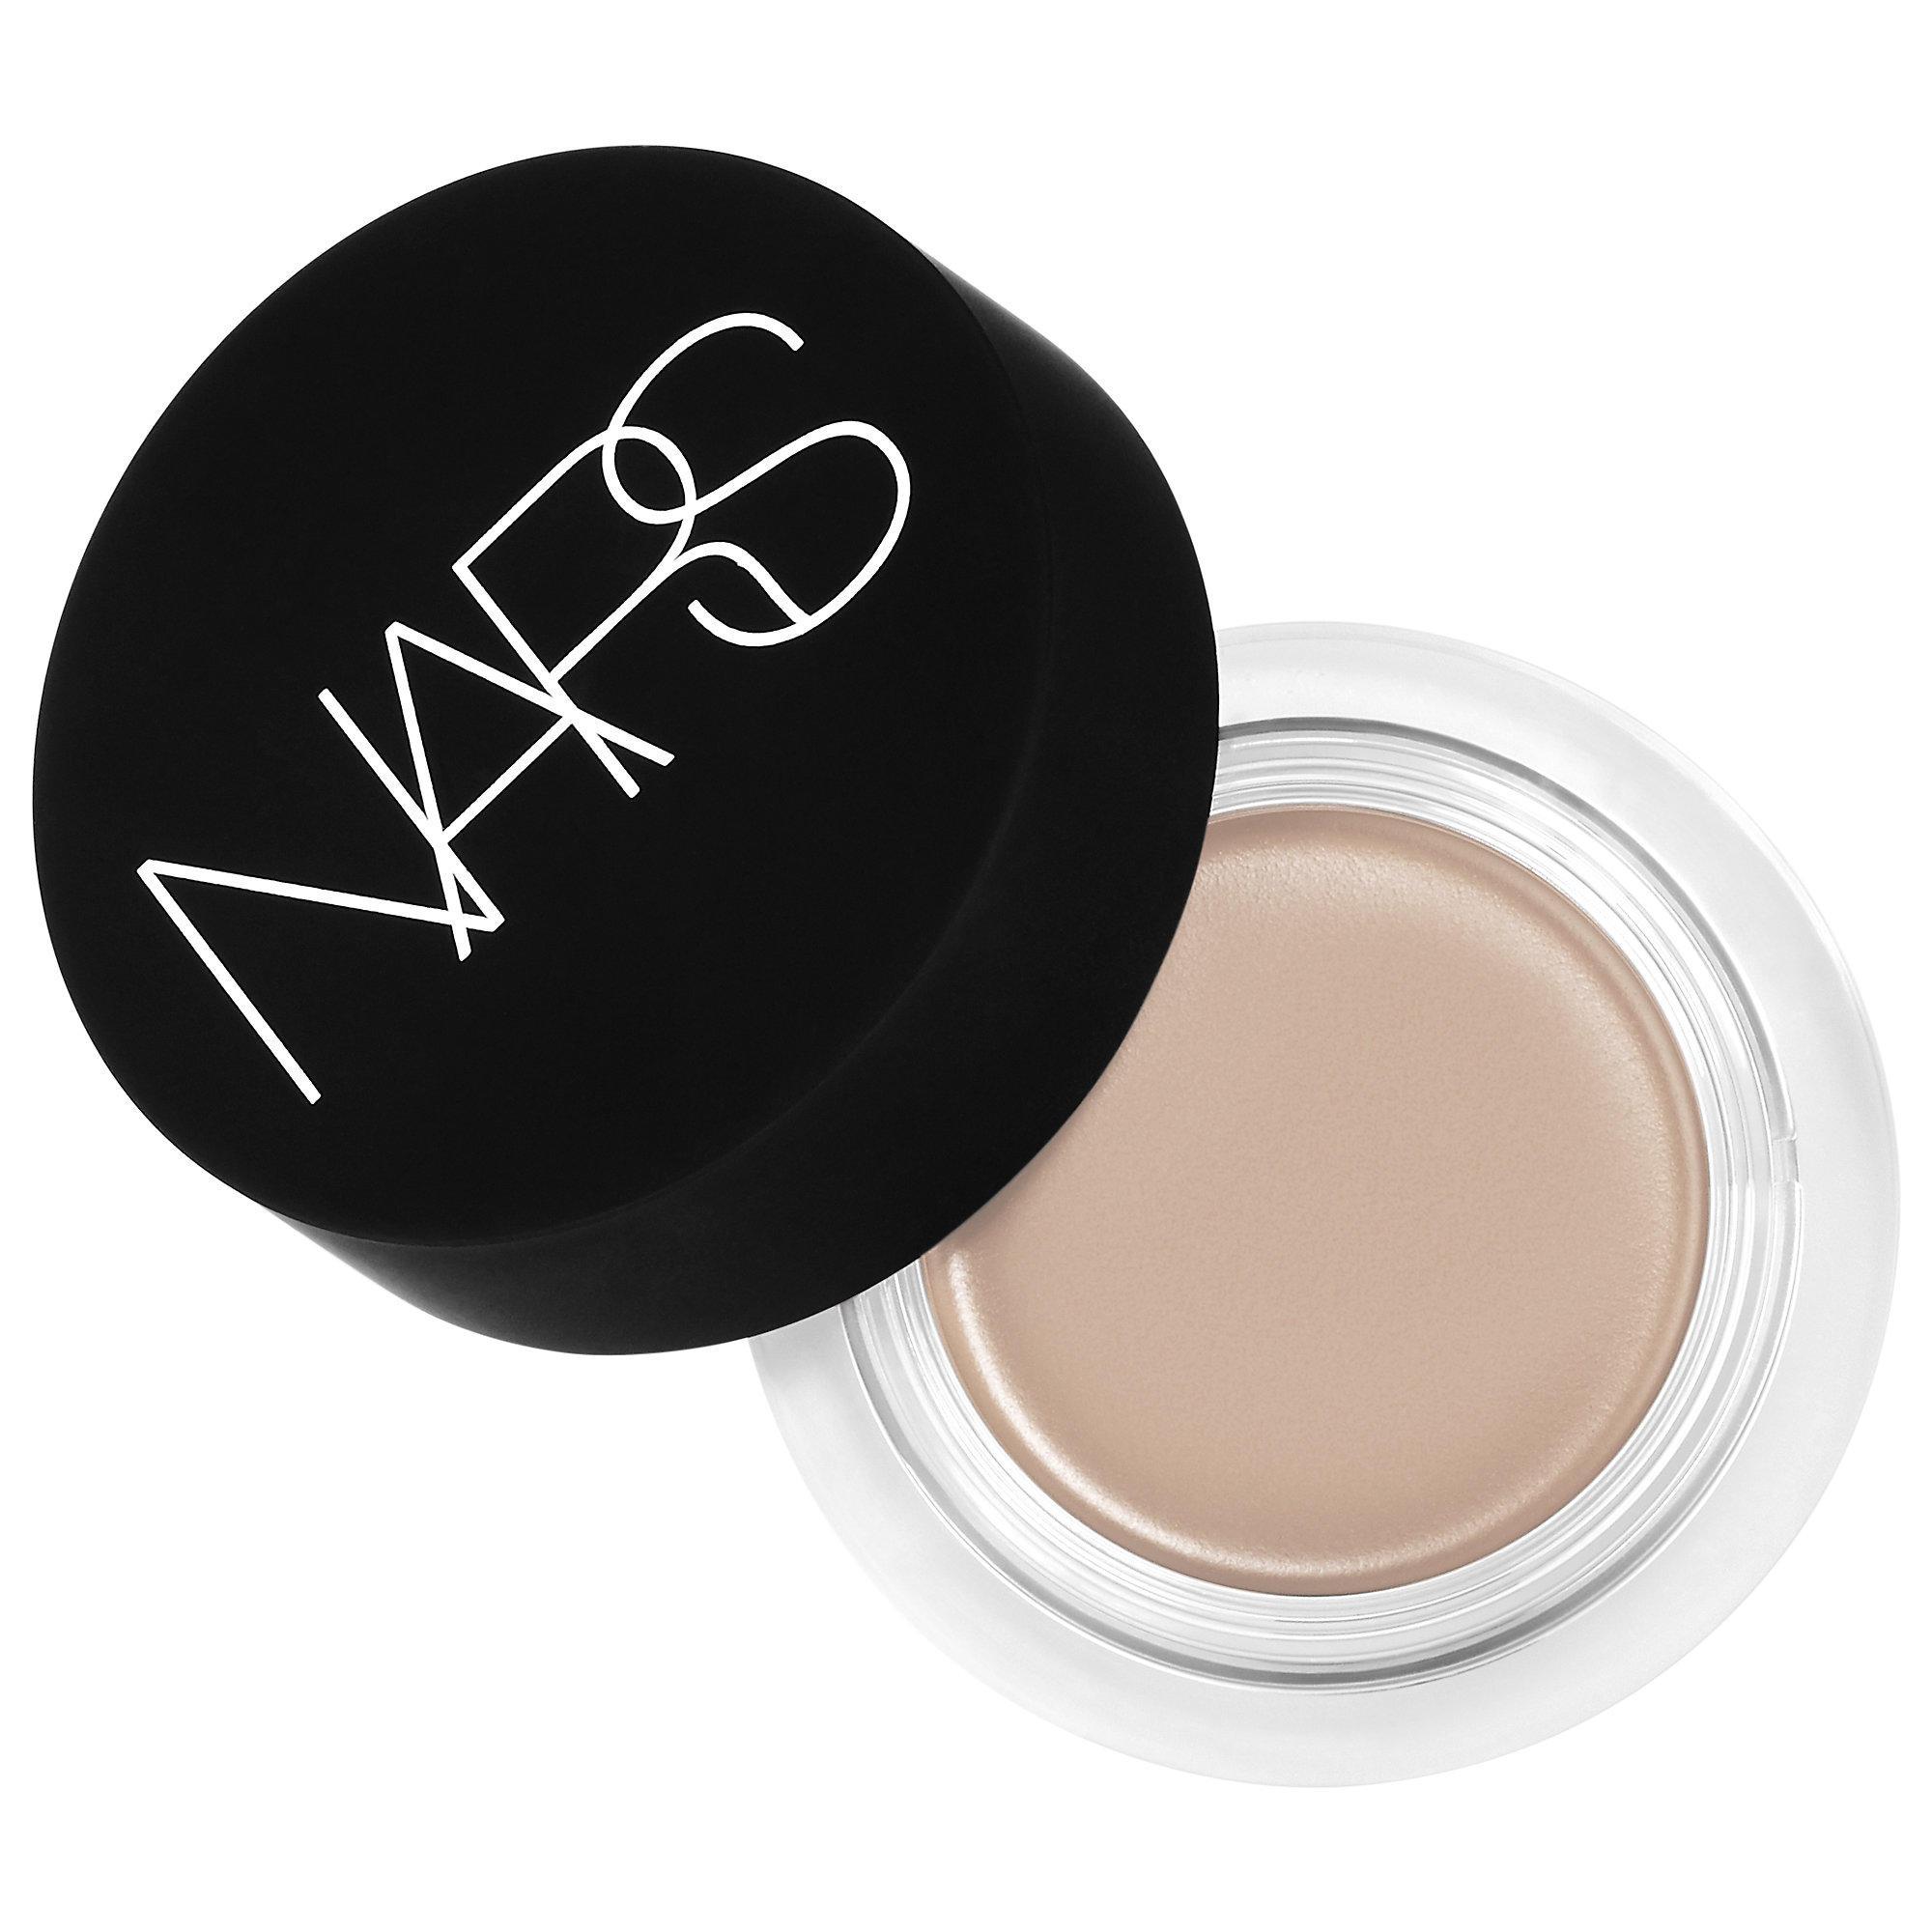 NARS Soft Matte Complete Concealer Vanilla Light 2